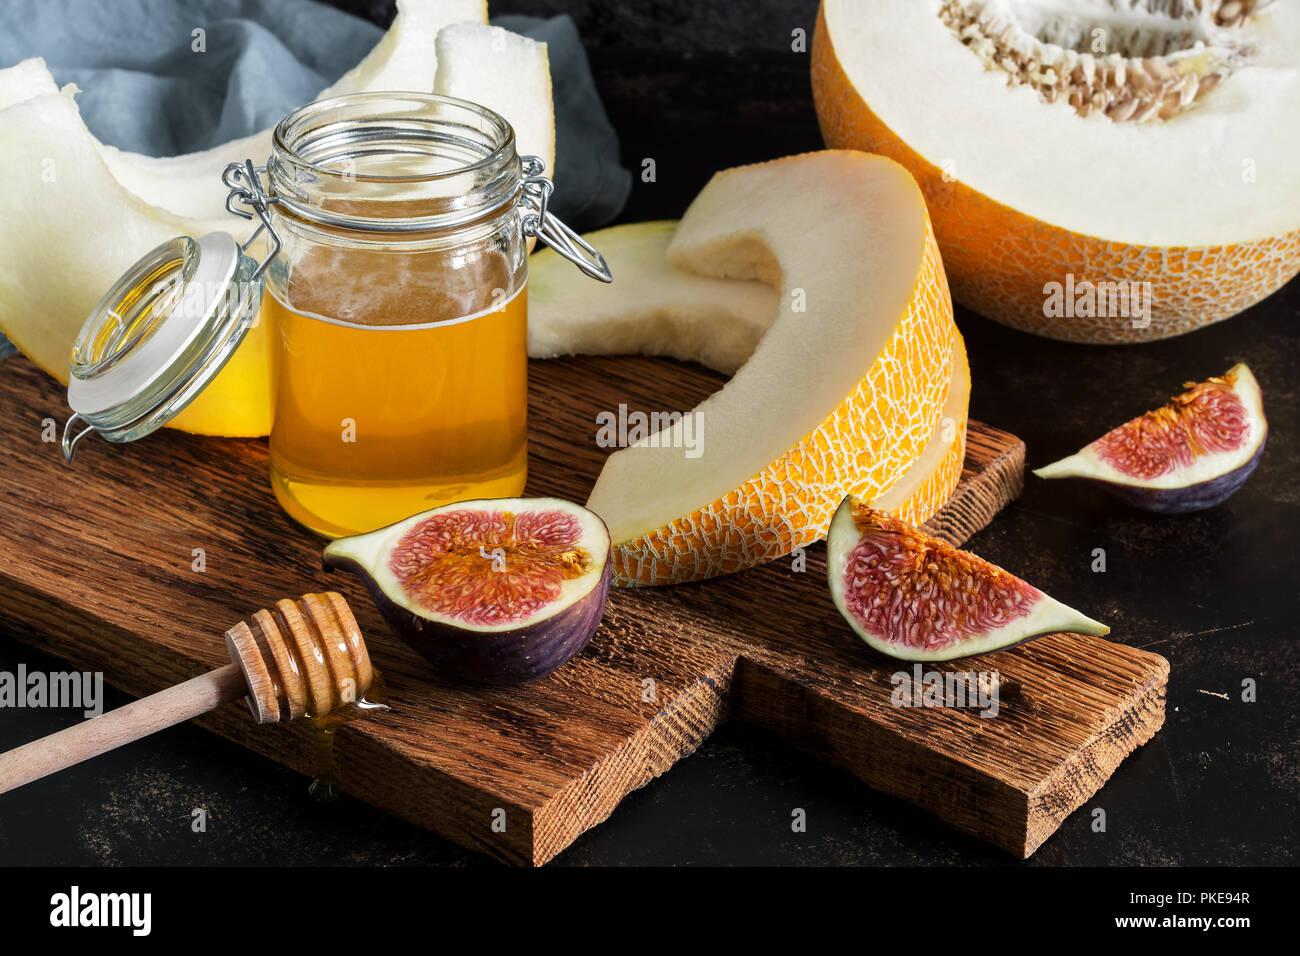 Melón fresco, miel e higos. Snack de frutas el enfoque selectivo. Imagen De Stock